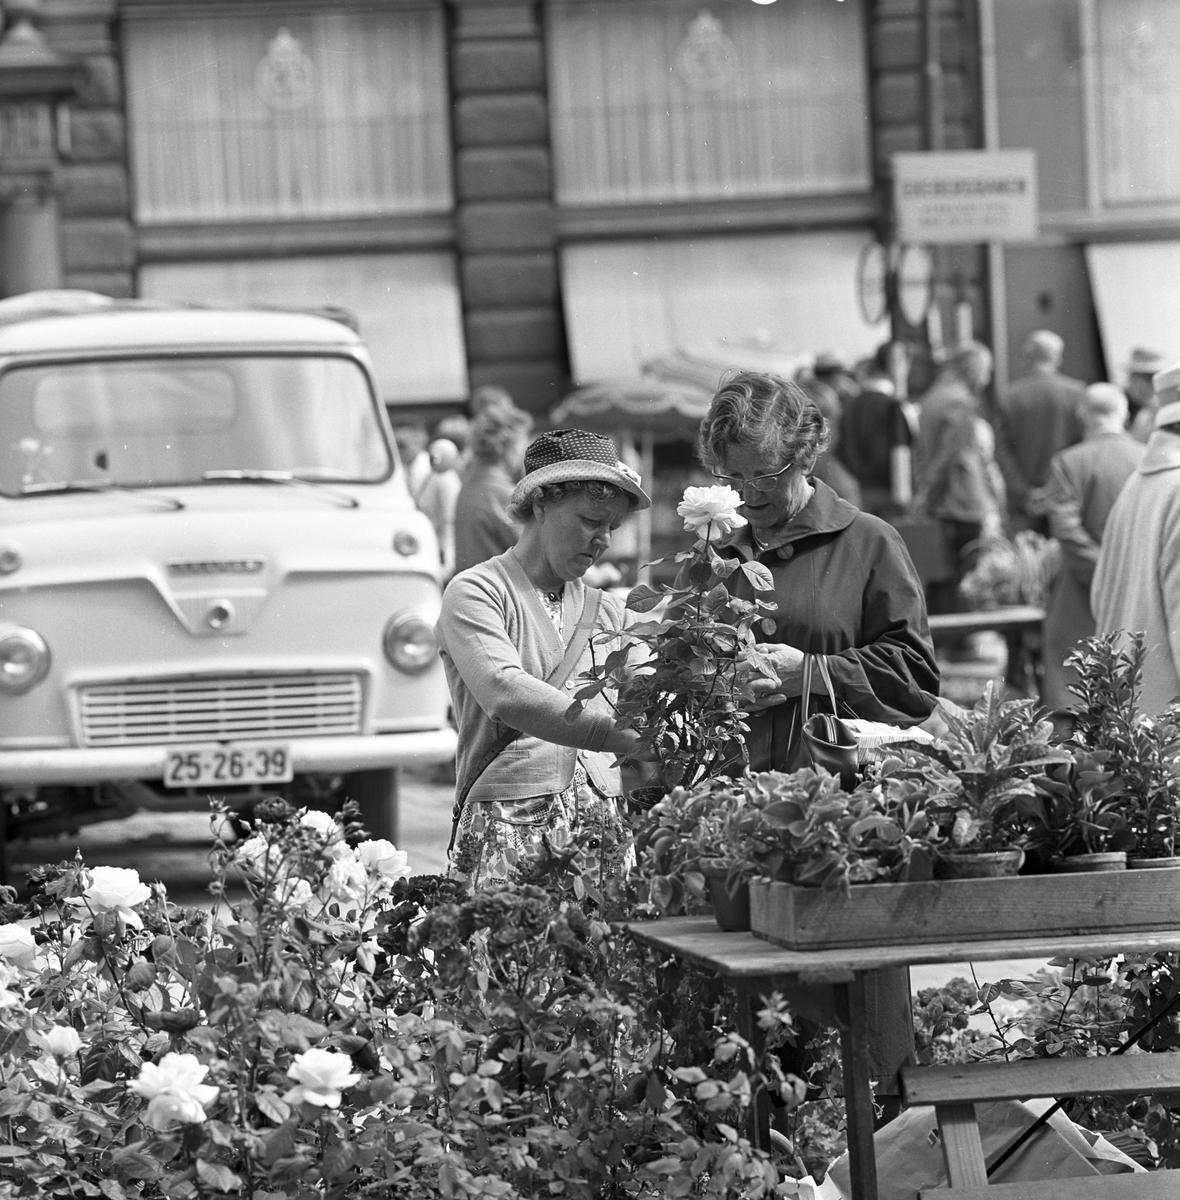 Sommerturister beundrer blomstene på Stortorget i Oslo, 17. juli 1960.